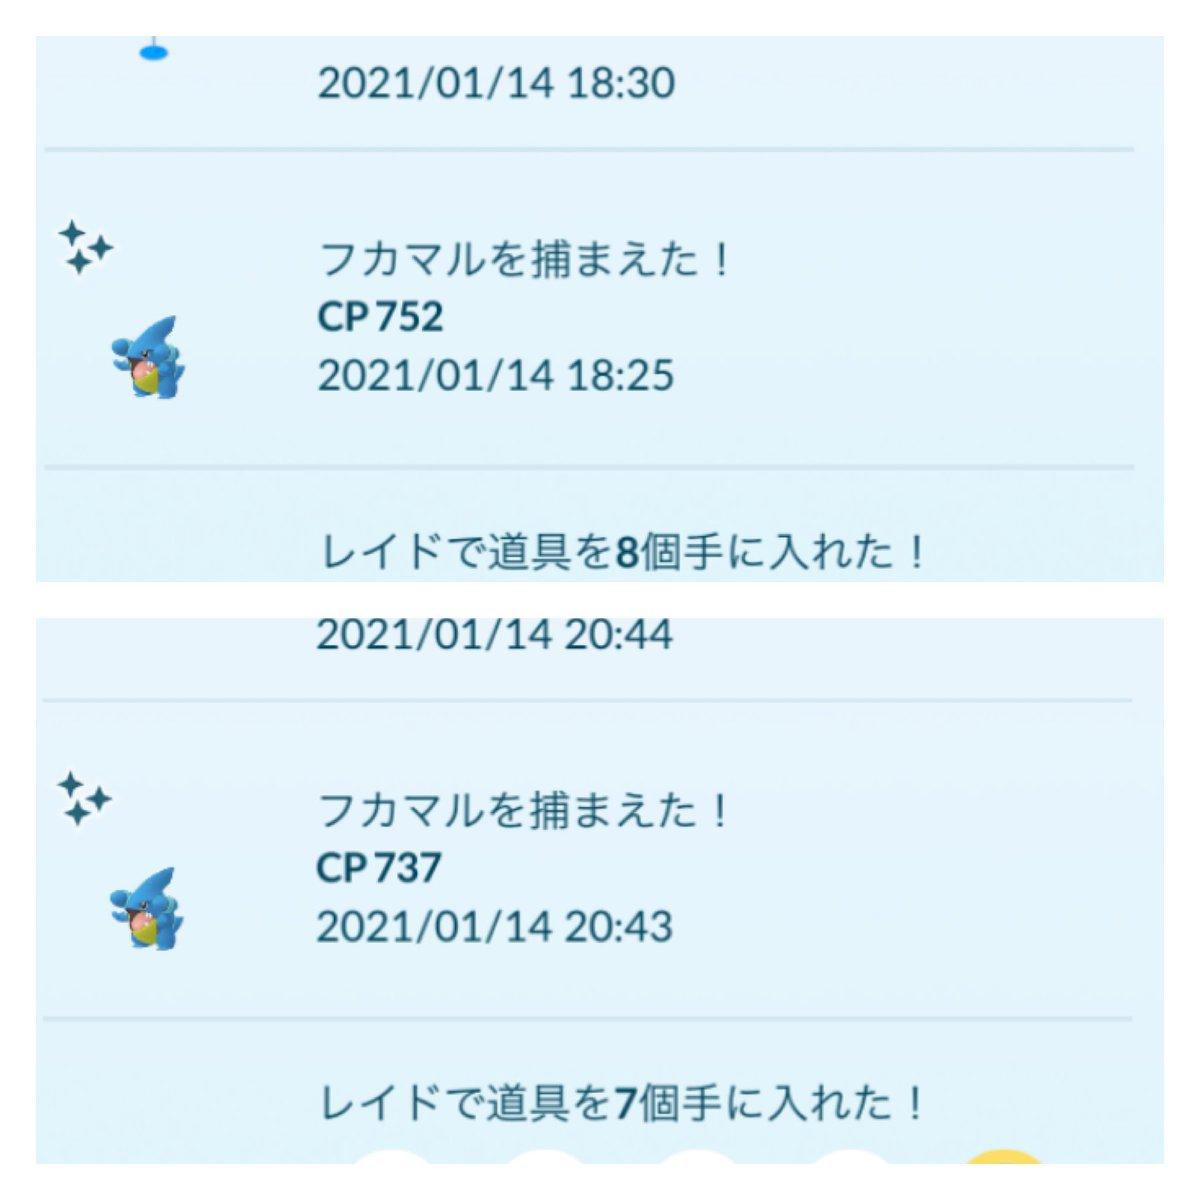 パトラッシュ@ポケGO静岡勢さんの投稿画像